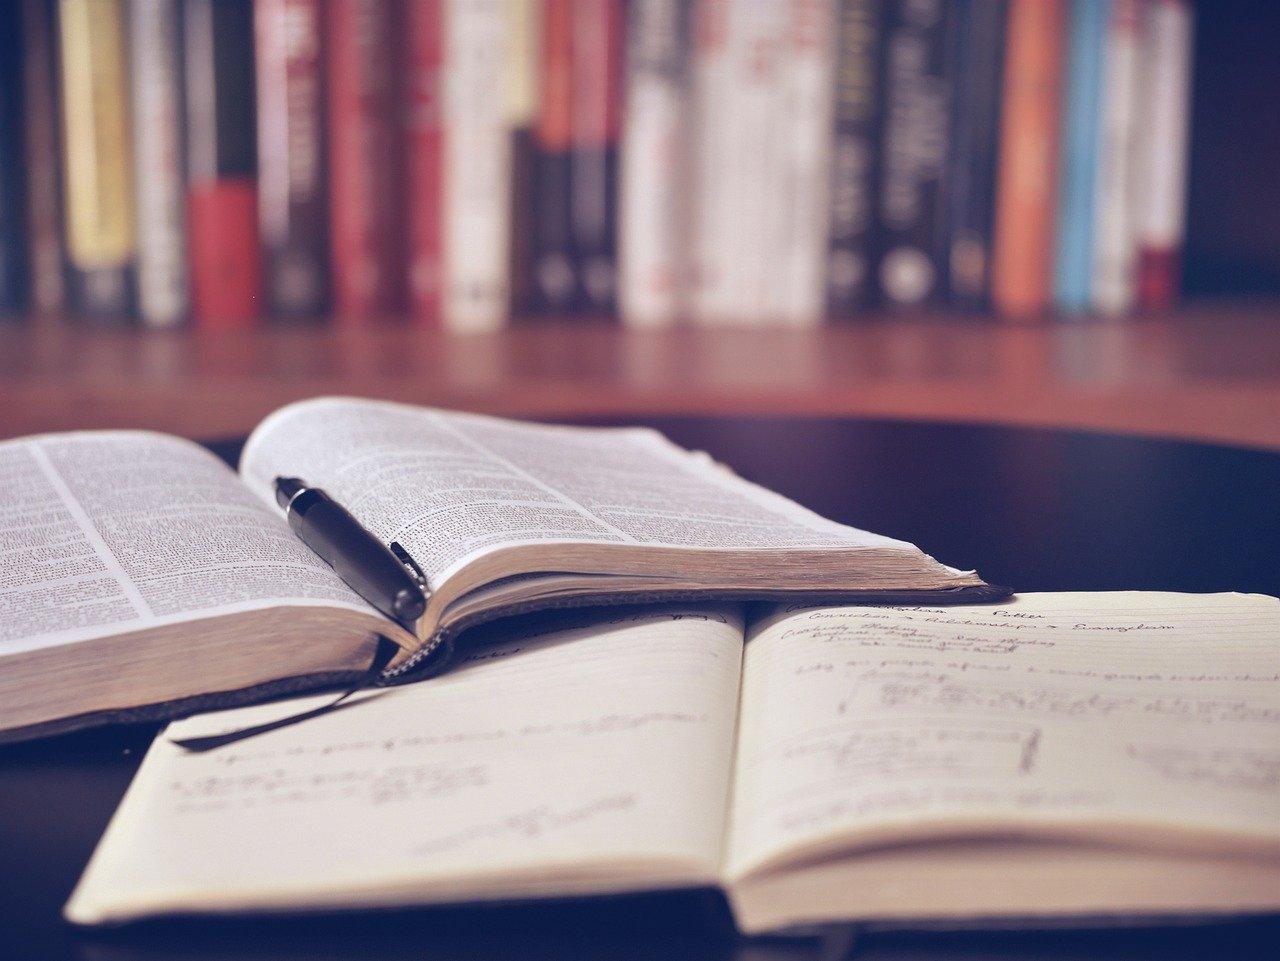 【学生向け】声優になる前に必要な勉強7選|読書や呼吸法など